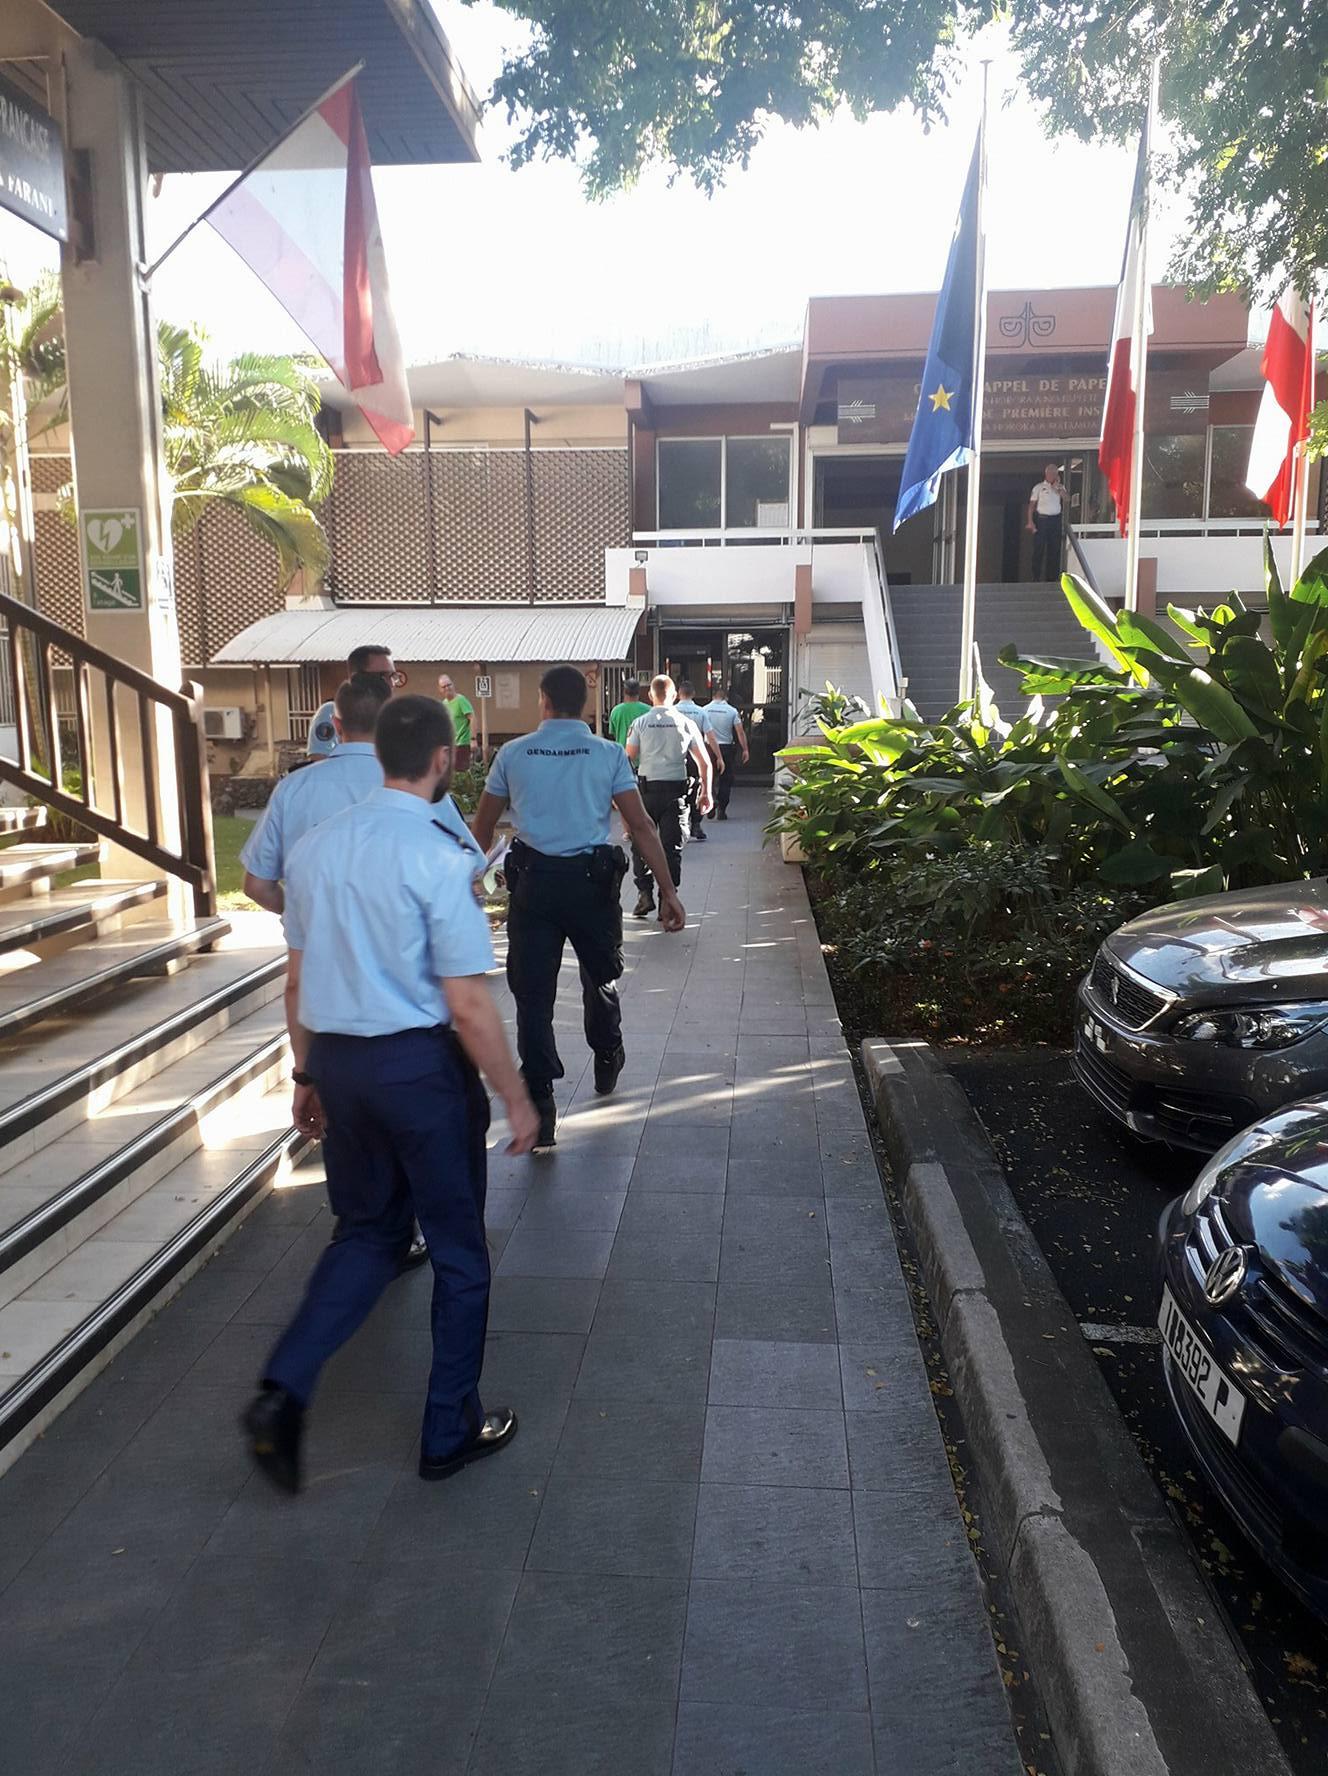 Prison ferme pour avoir menacé les gendarmes de mort